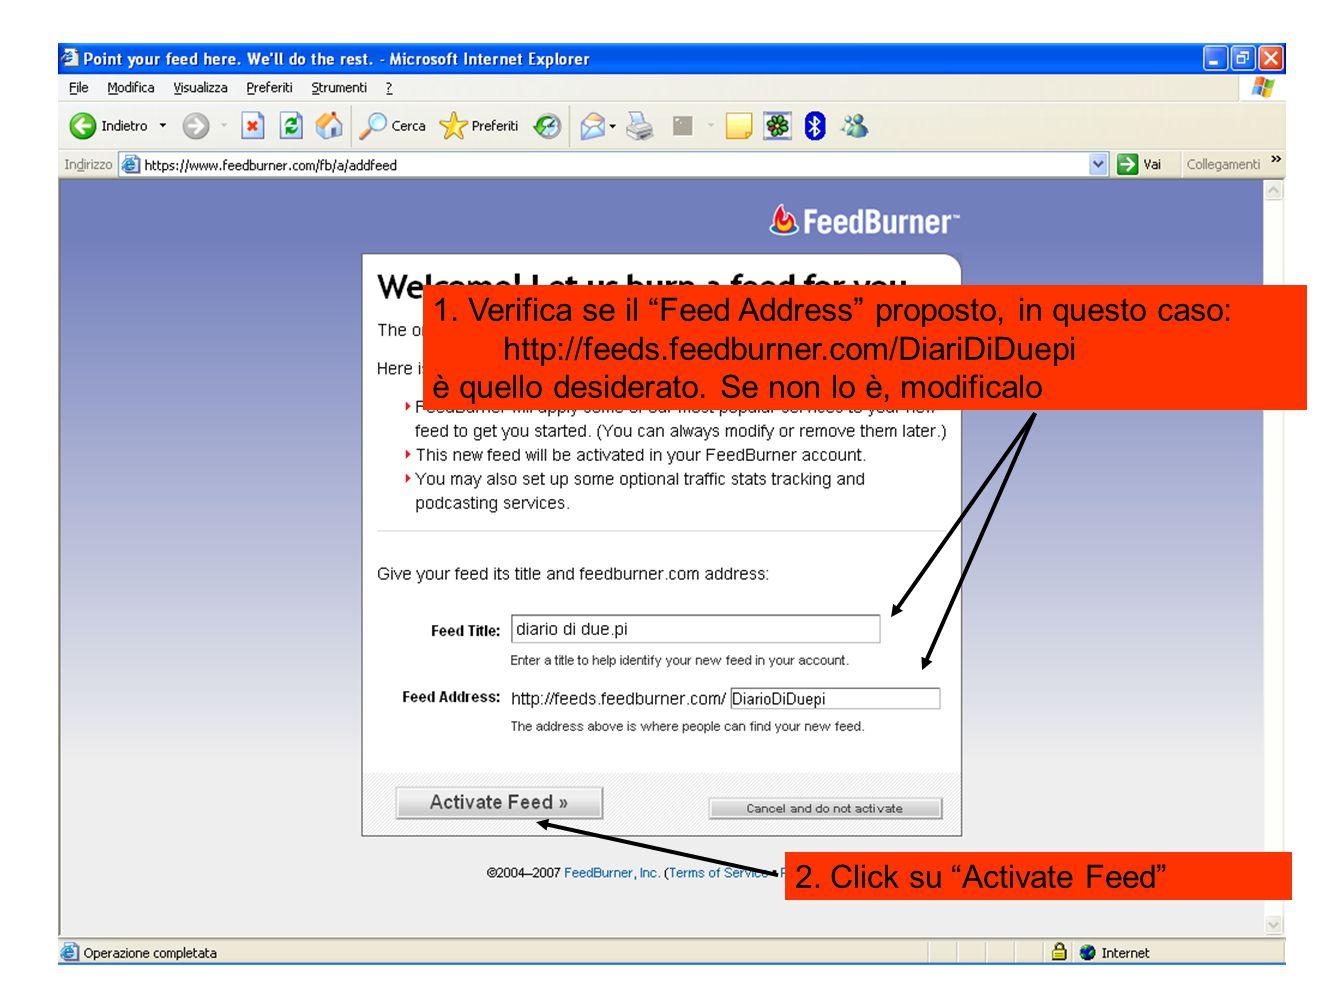 """2. Click su """"Activate Feed"""" 1.Verifica se il """"Feed Address"""" proposto, in questo caso: http://feeds.feedburner.com/DiariDiDuepi è quello desiderato. Se"""